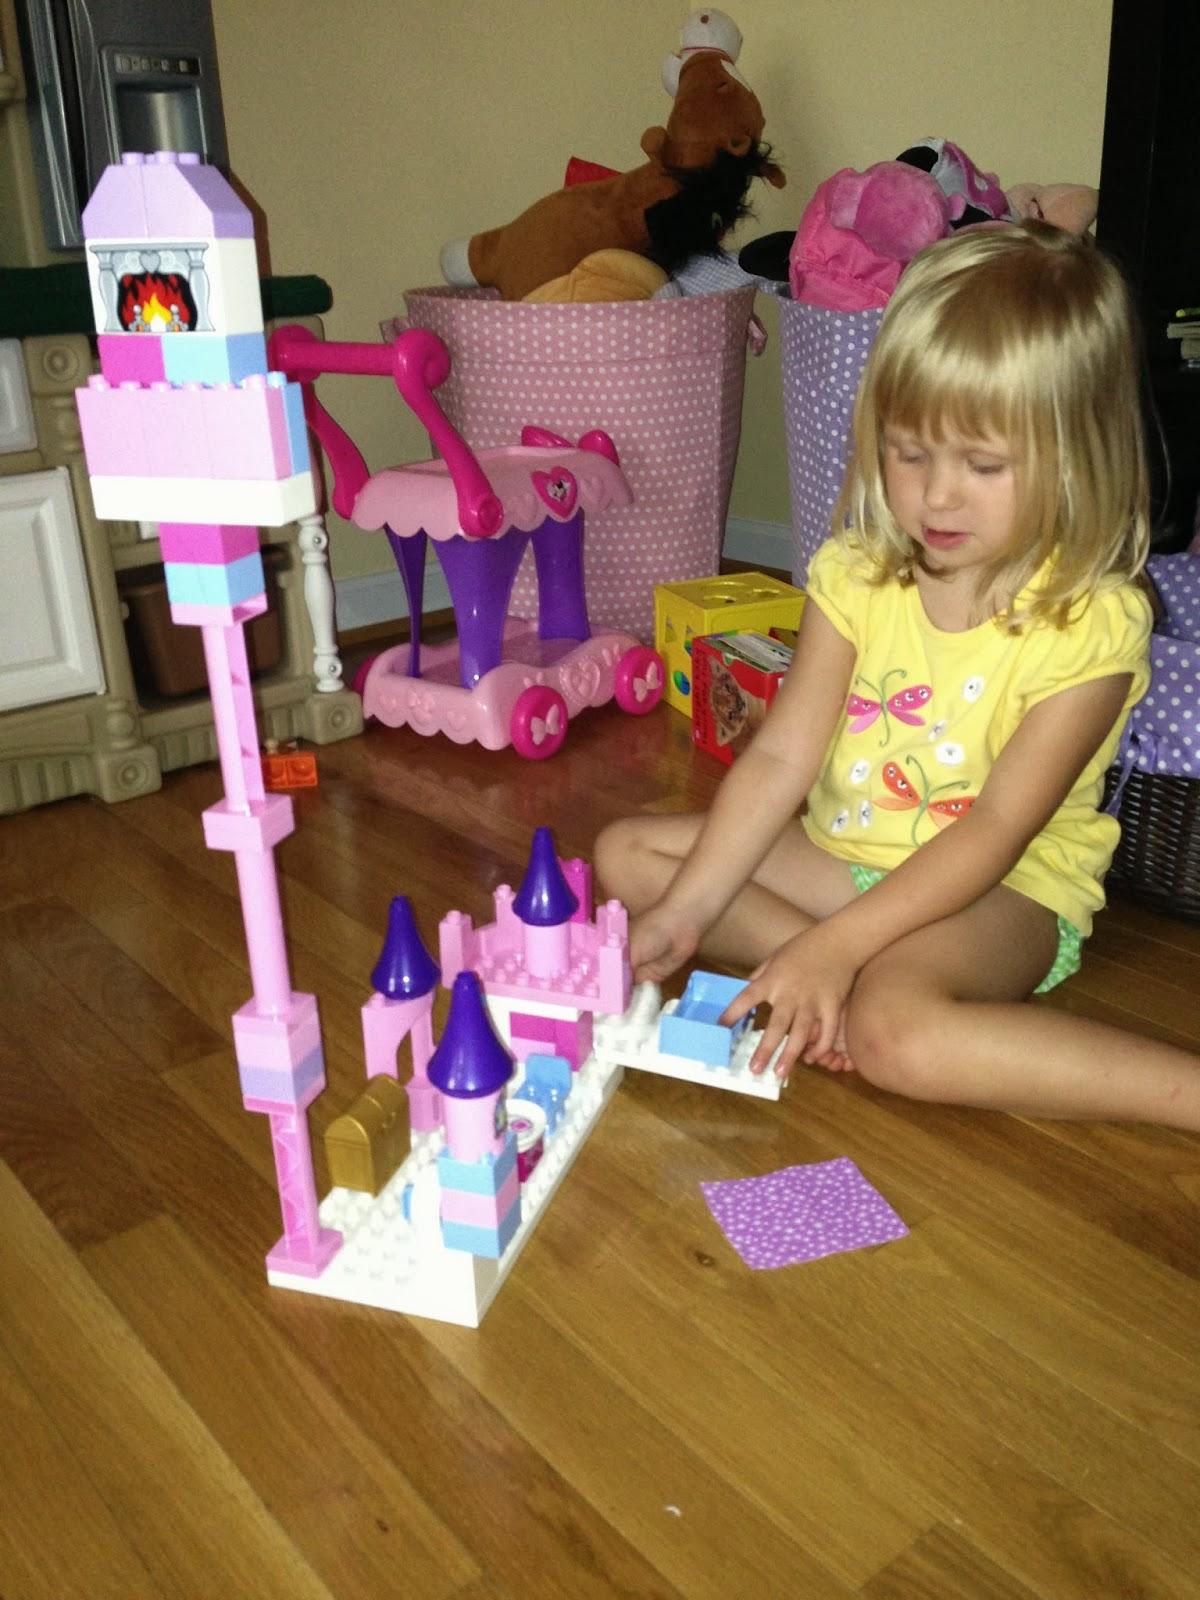 Красивая девушка развлекается со своей любимой игрушкой фото 128-539